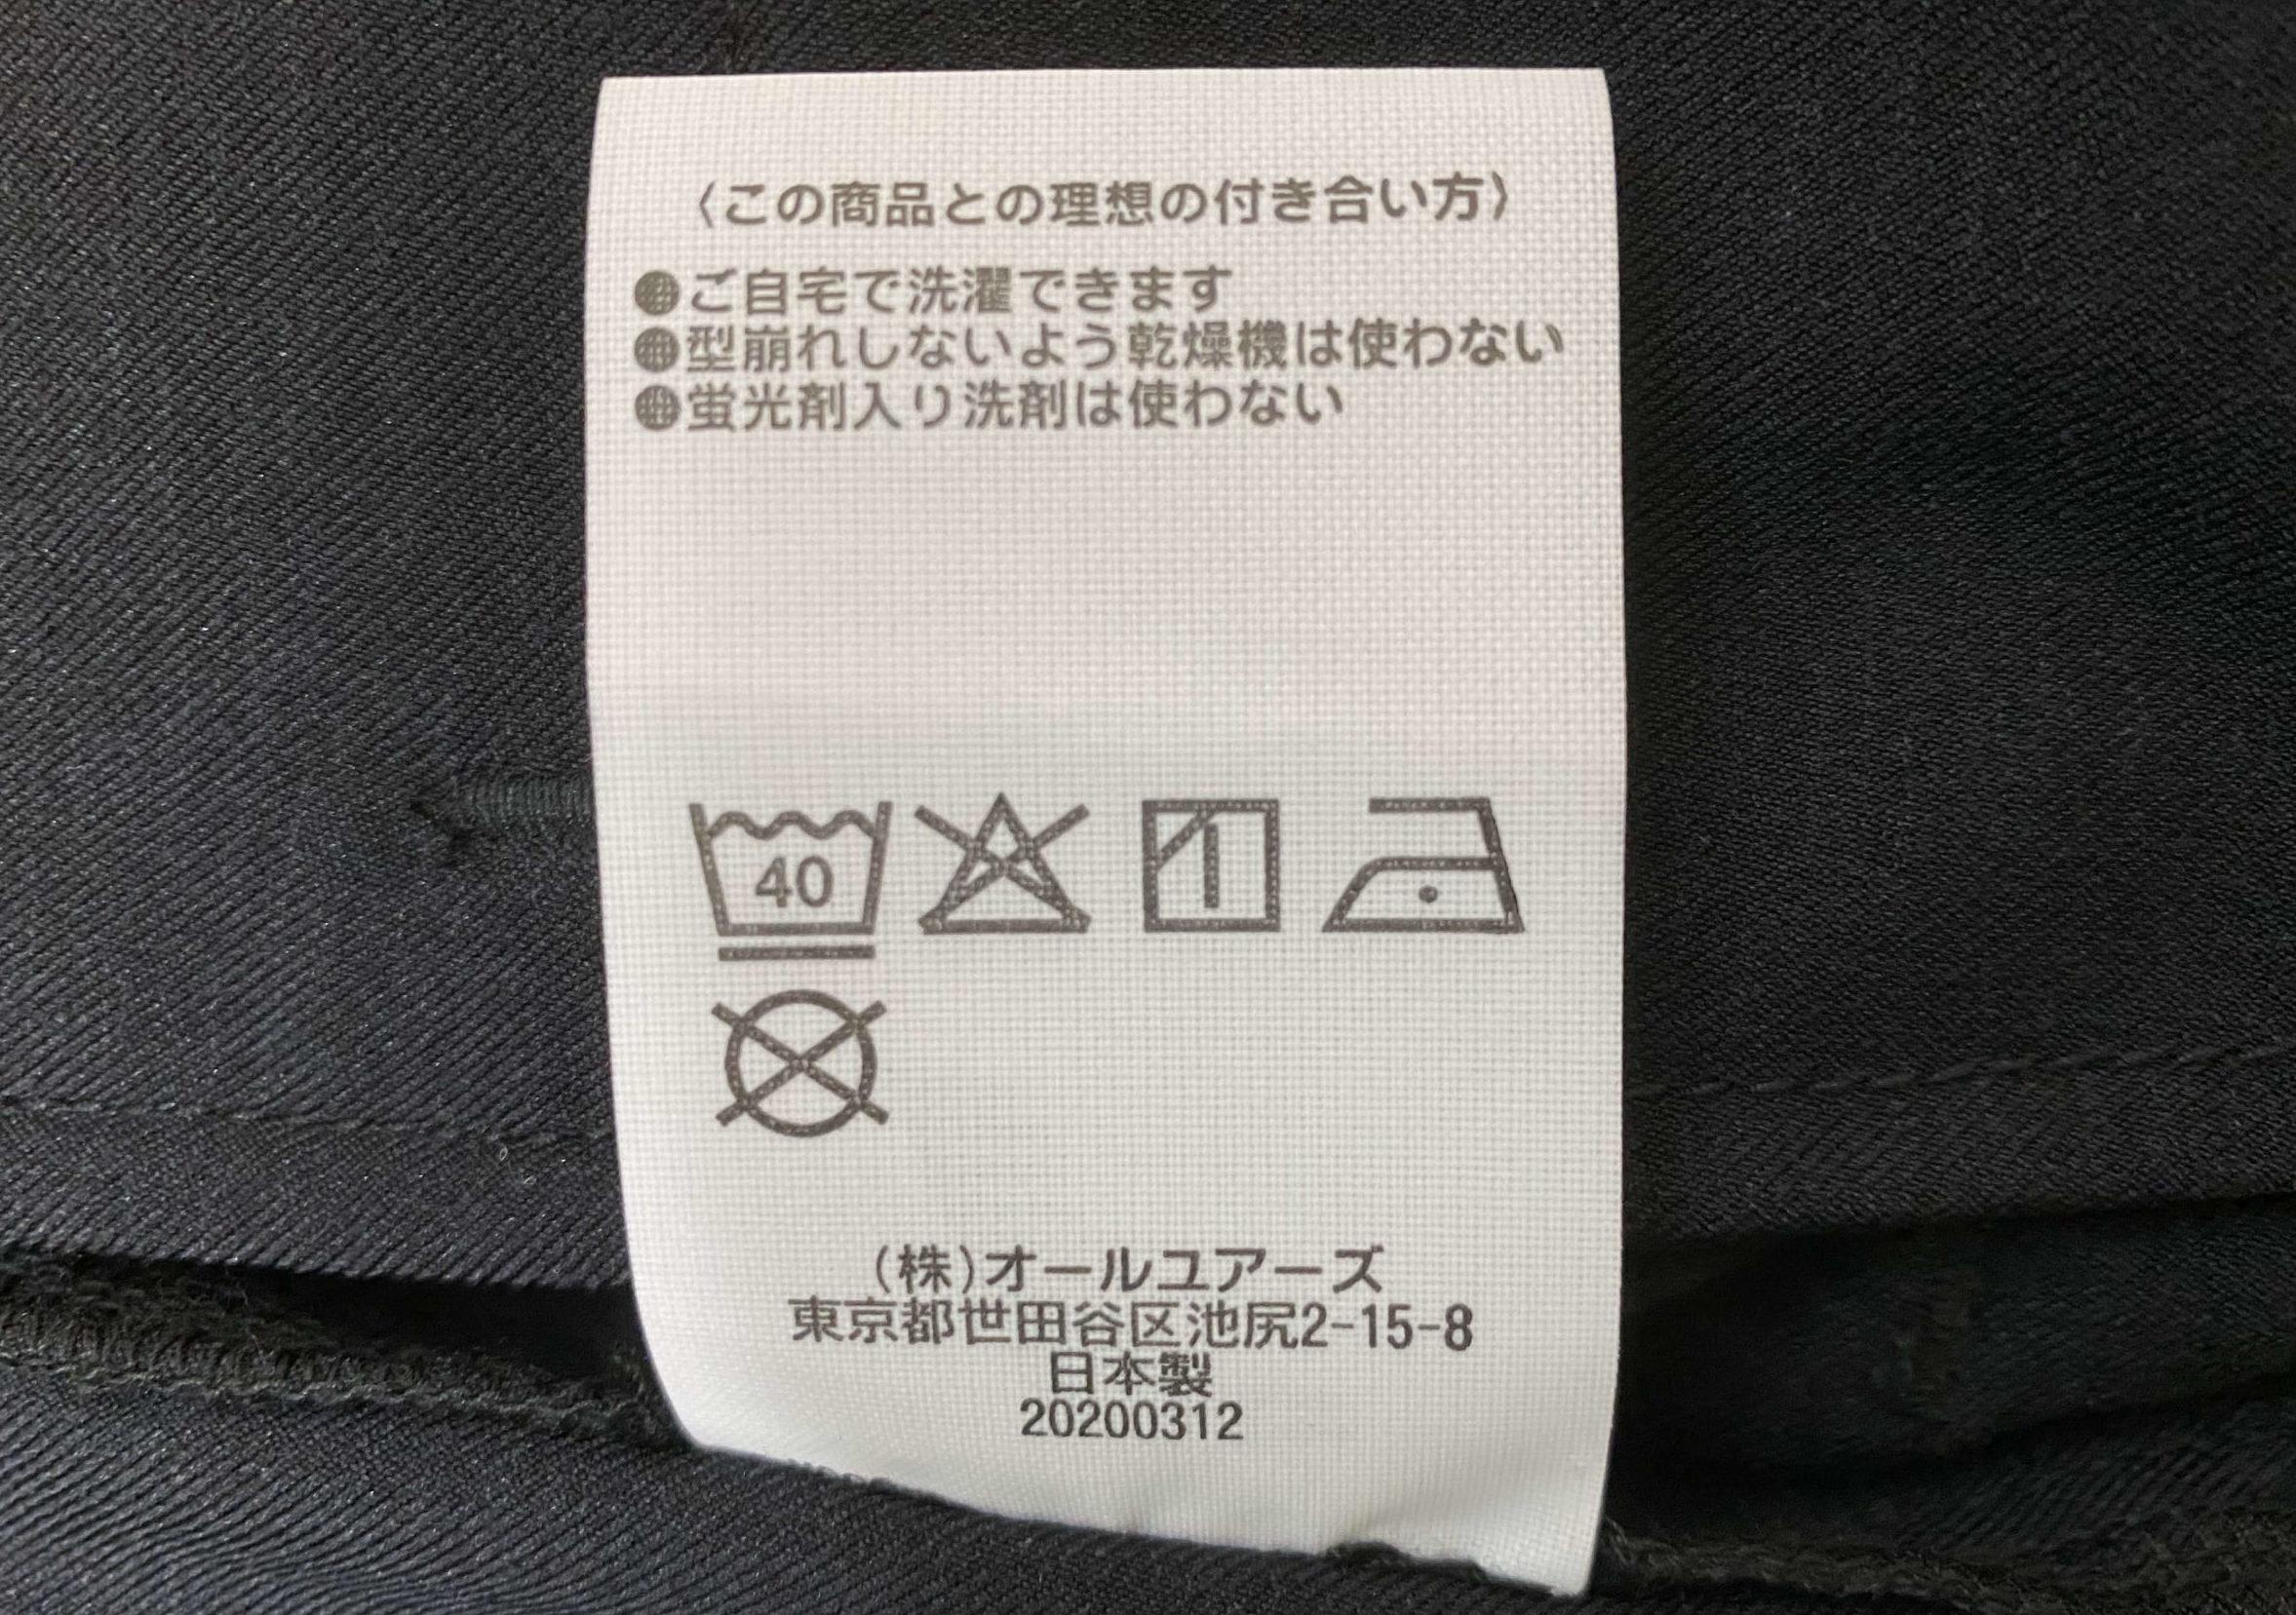 オールユアーズの洗濯表示タグ